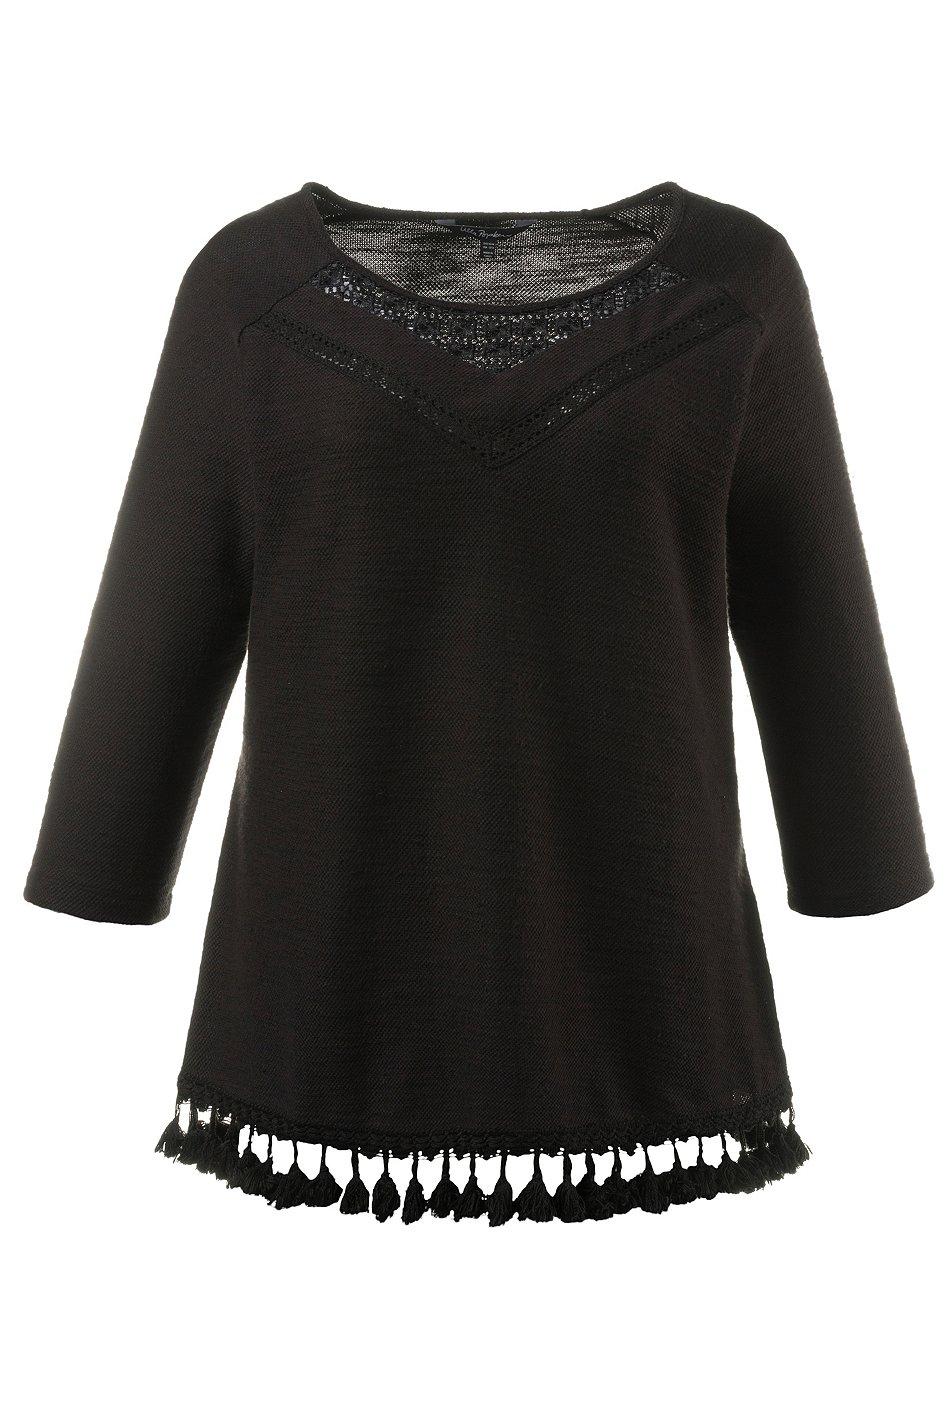 ulla popken sweatshirt mit spitzeneinsatz und bommelborde. Black Bedroom Furniture Sets. Home Design Ideas